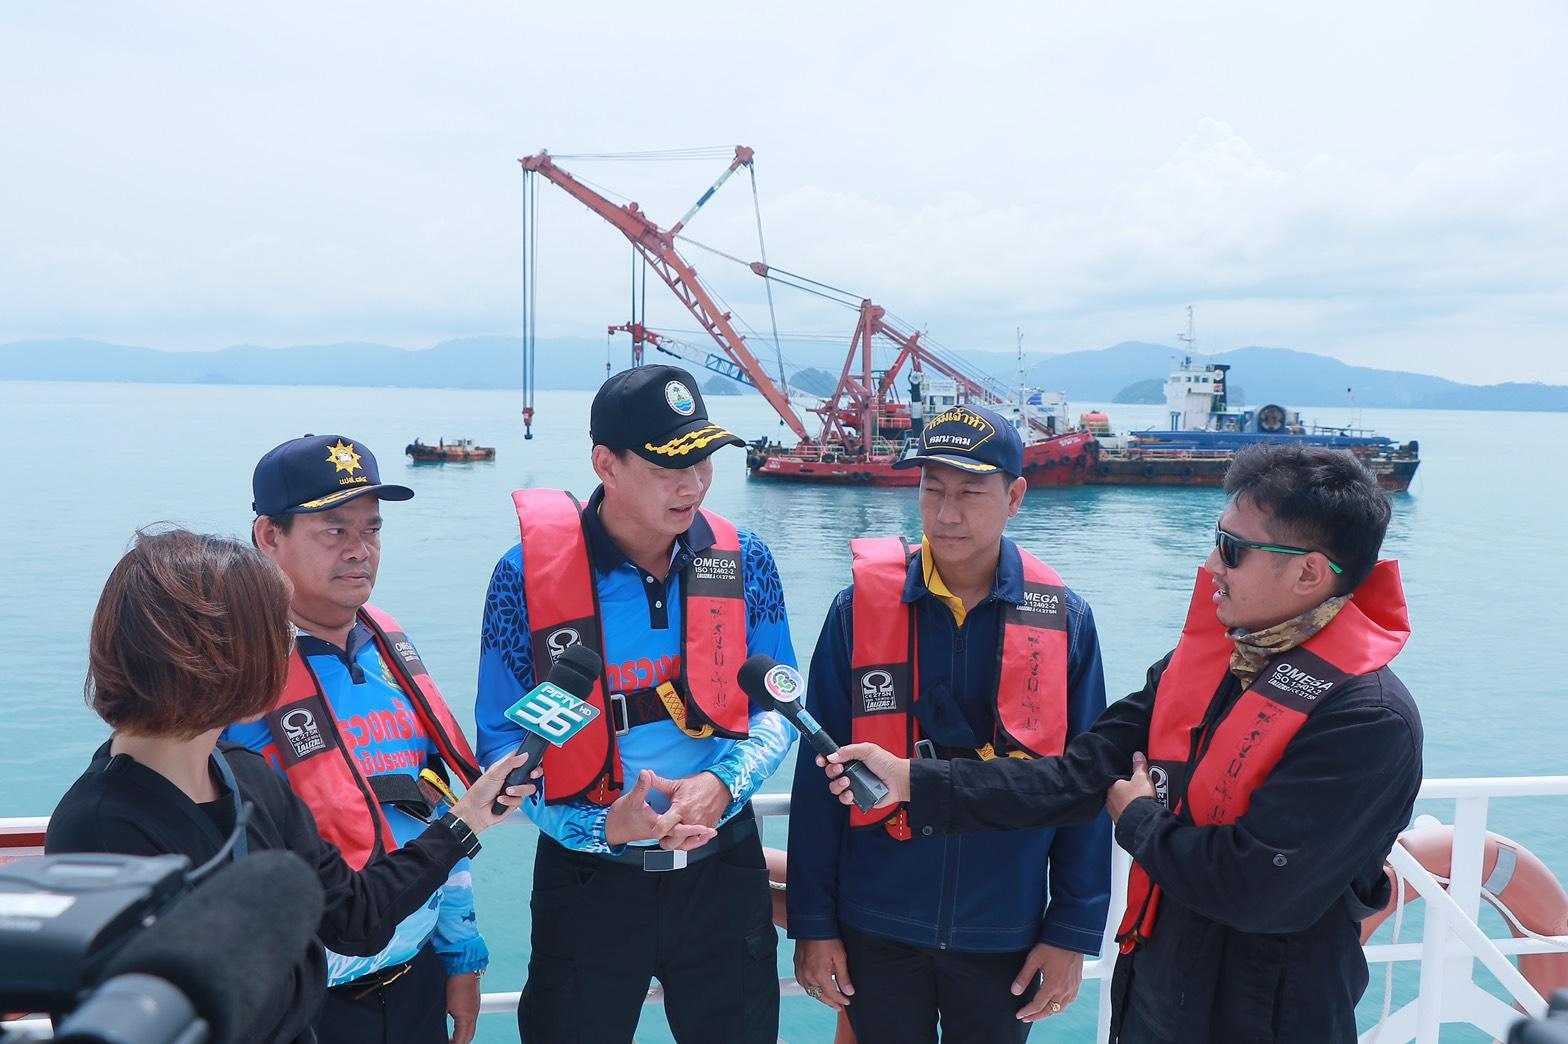 อธิบดี ทช. นำคณะสื่อมวลชนลงพื้นที่ติดตามแผนการกู้เรือเฟอร์รี่ล่ม ที่เกาะสมุย จังหวัดสุราษฎร์ธานี